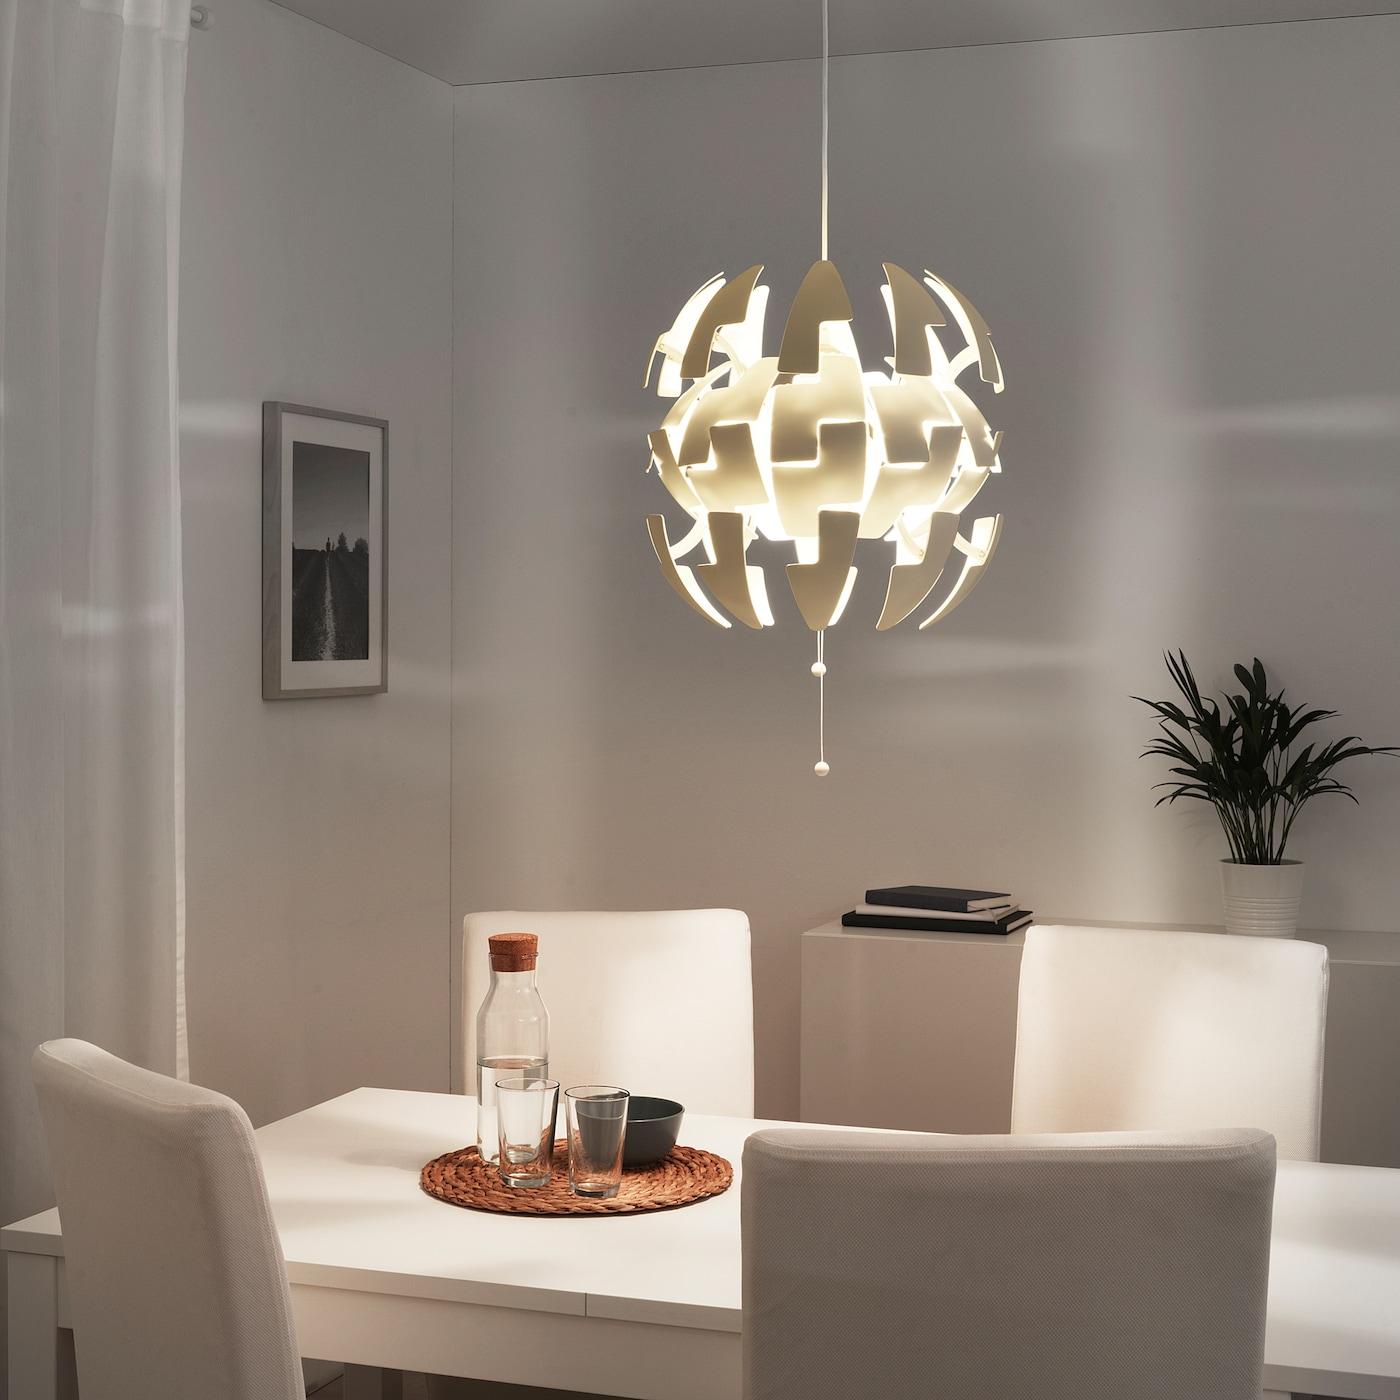 Ikea Ps 2014 Pendant Lamp White 35 Cm Ikea